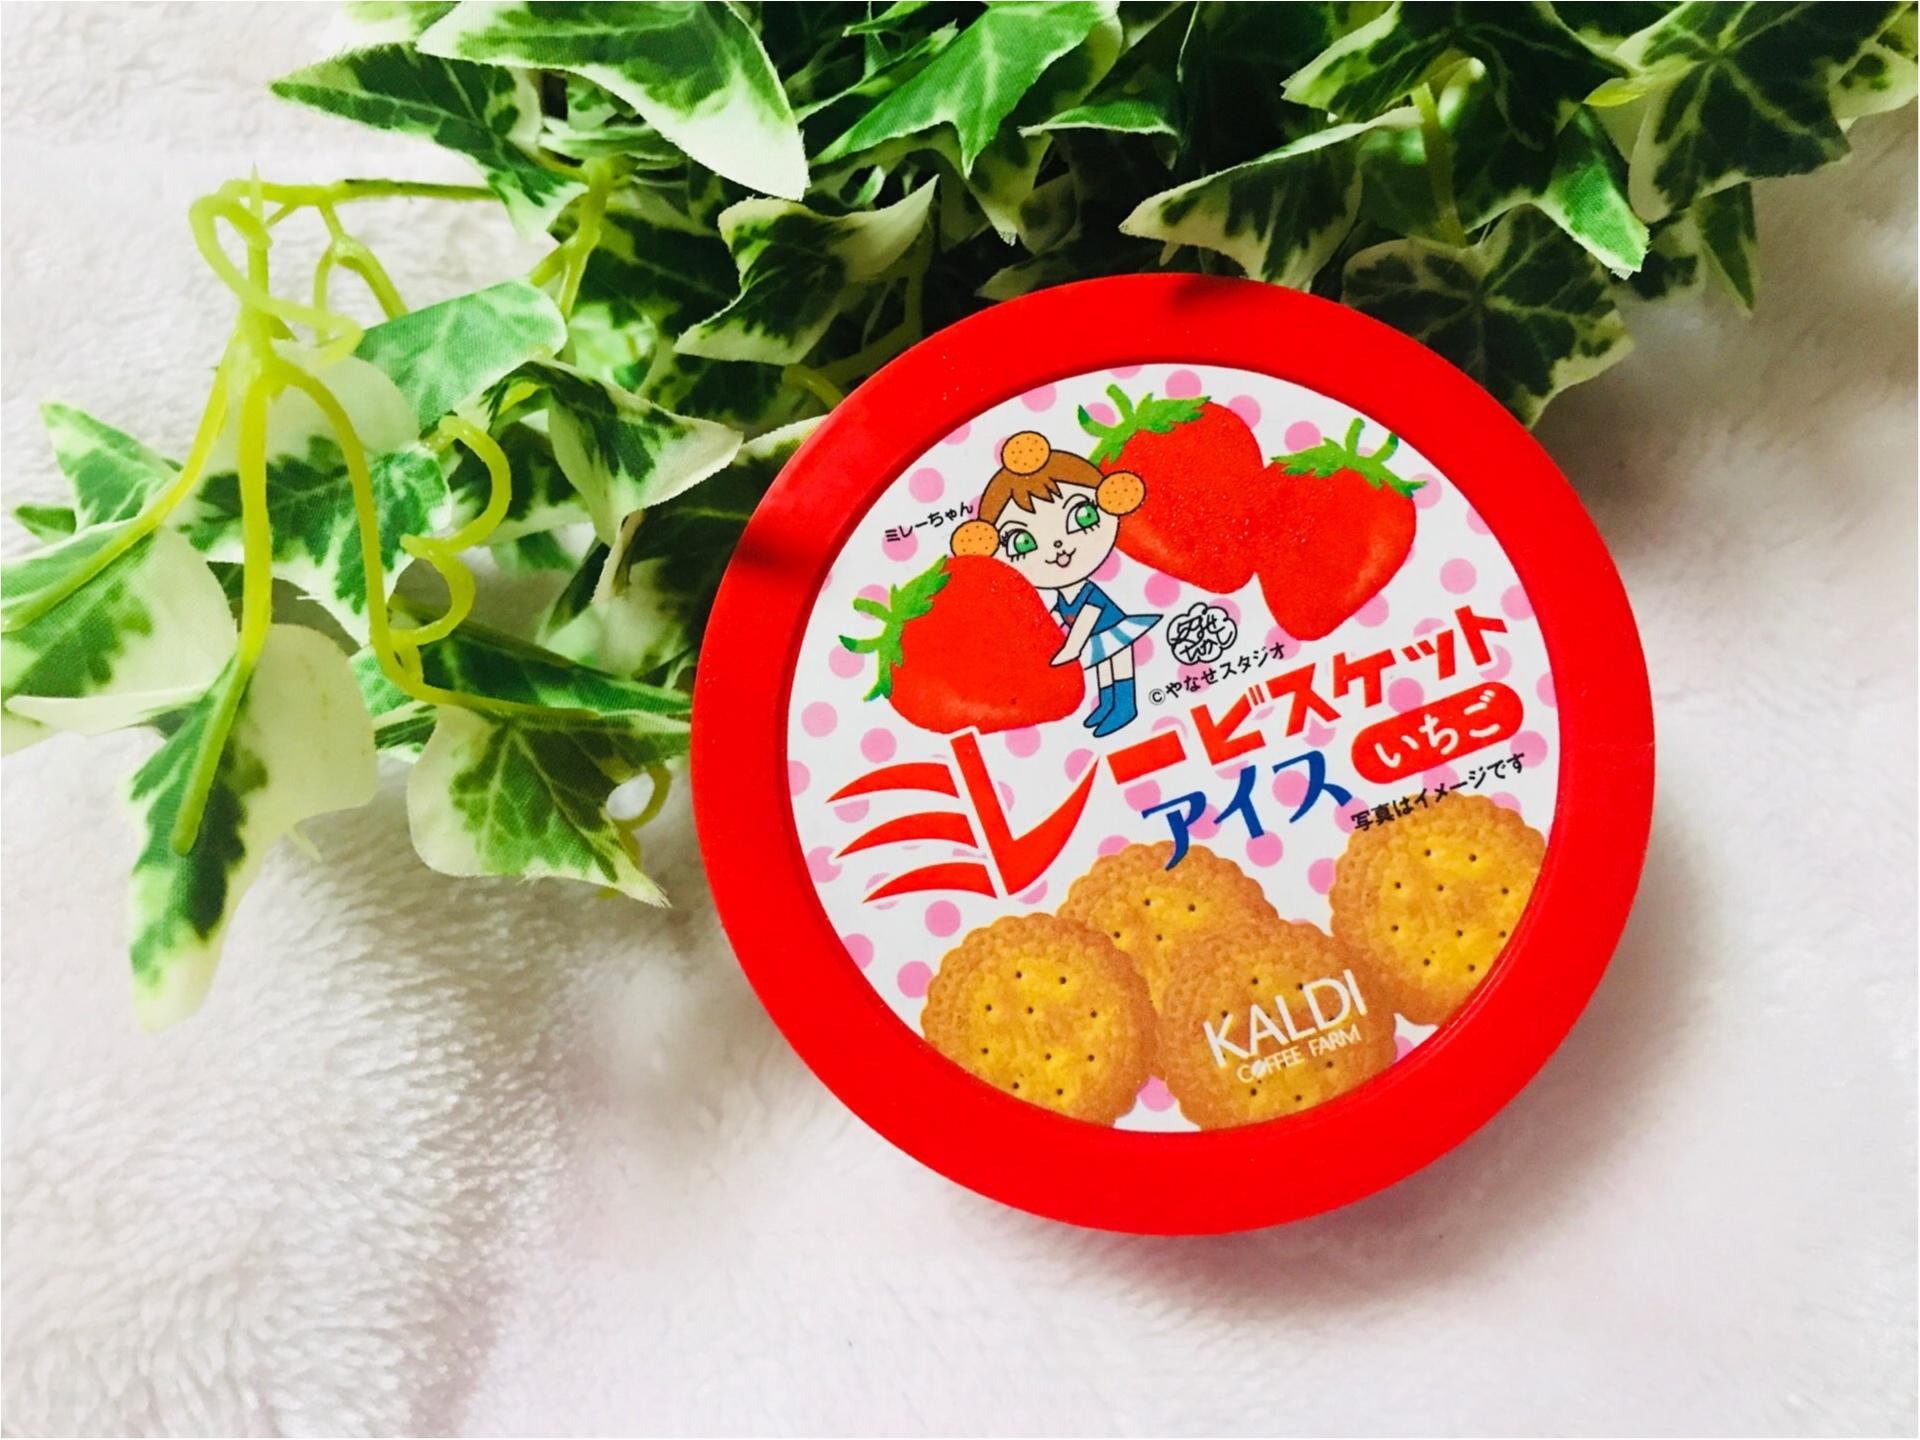 """【KALDI】あのご当地菓子《ミレービスケット》がアイスになっちゃった!カルディ限定で""""いちご味""""が新登場❤︎パッケージがレトロ可愛い♡♡_1"""